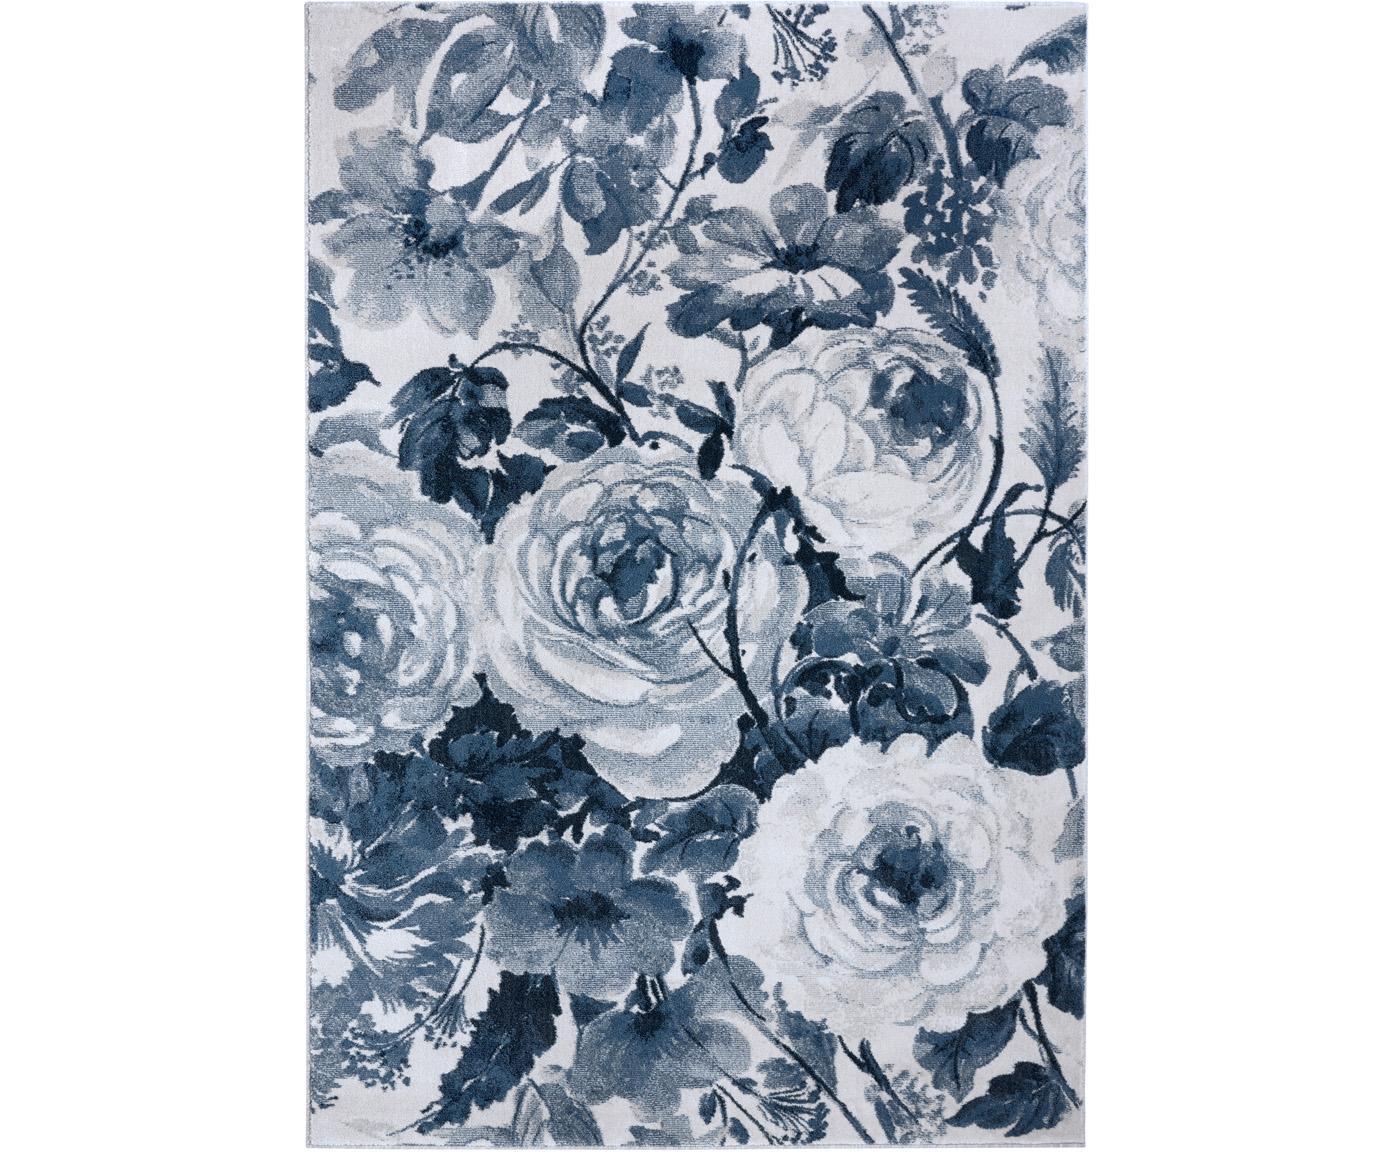 Vloerkleed Peony met bloemmotief, 100% polypropyleen, Blauw, crèmekleurig, B 80 x L 150 cm (maat XS)